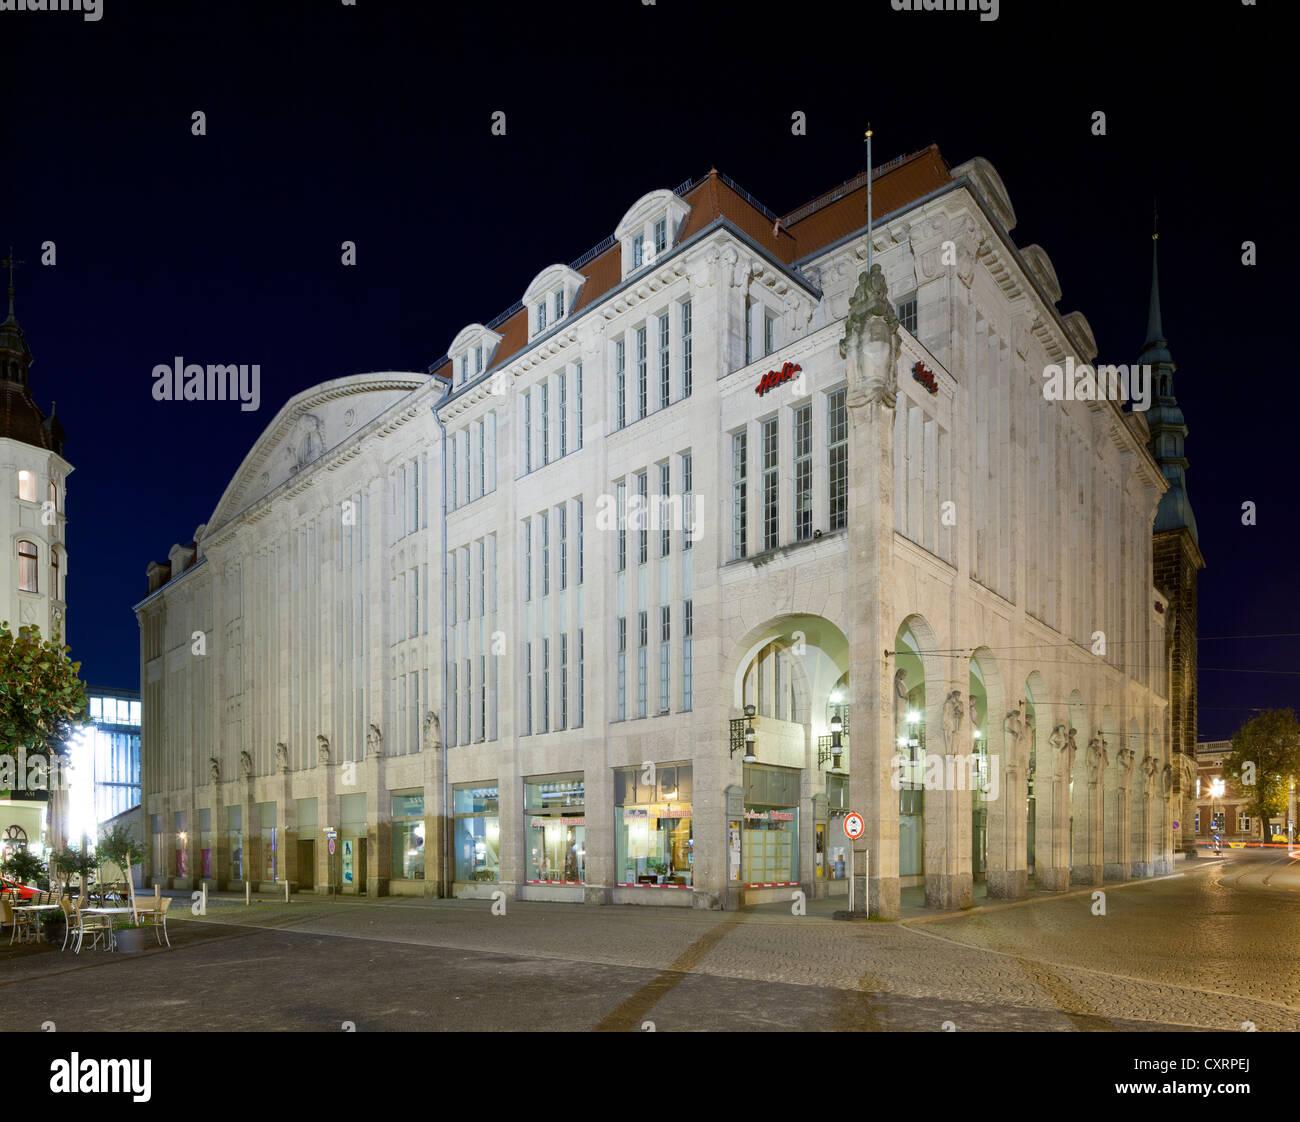 Stock Photosamp; Hertie Department Store wOm0N8nyv